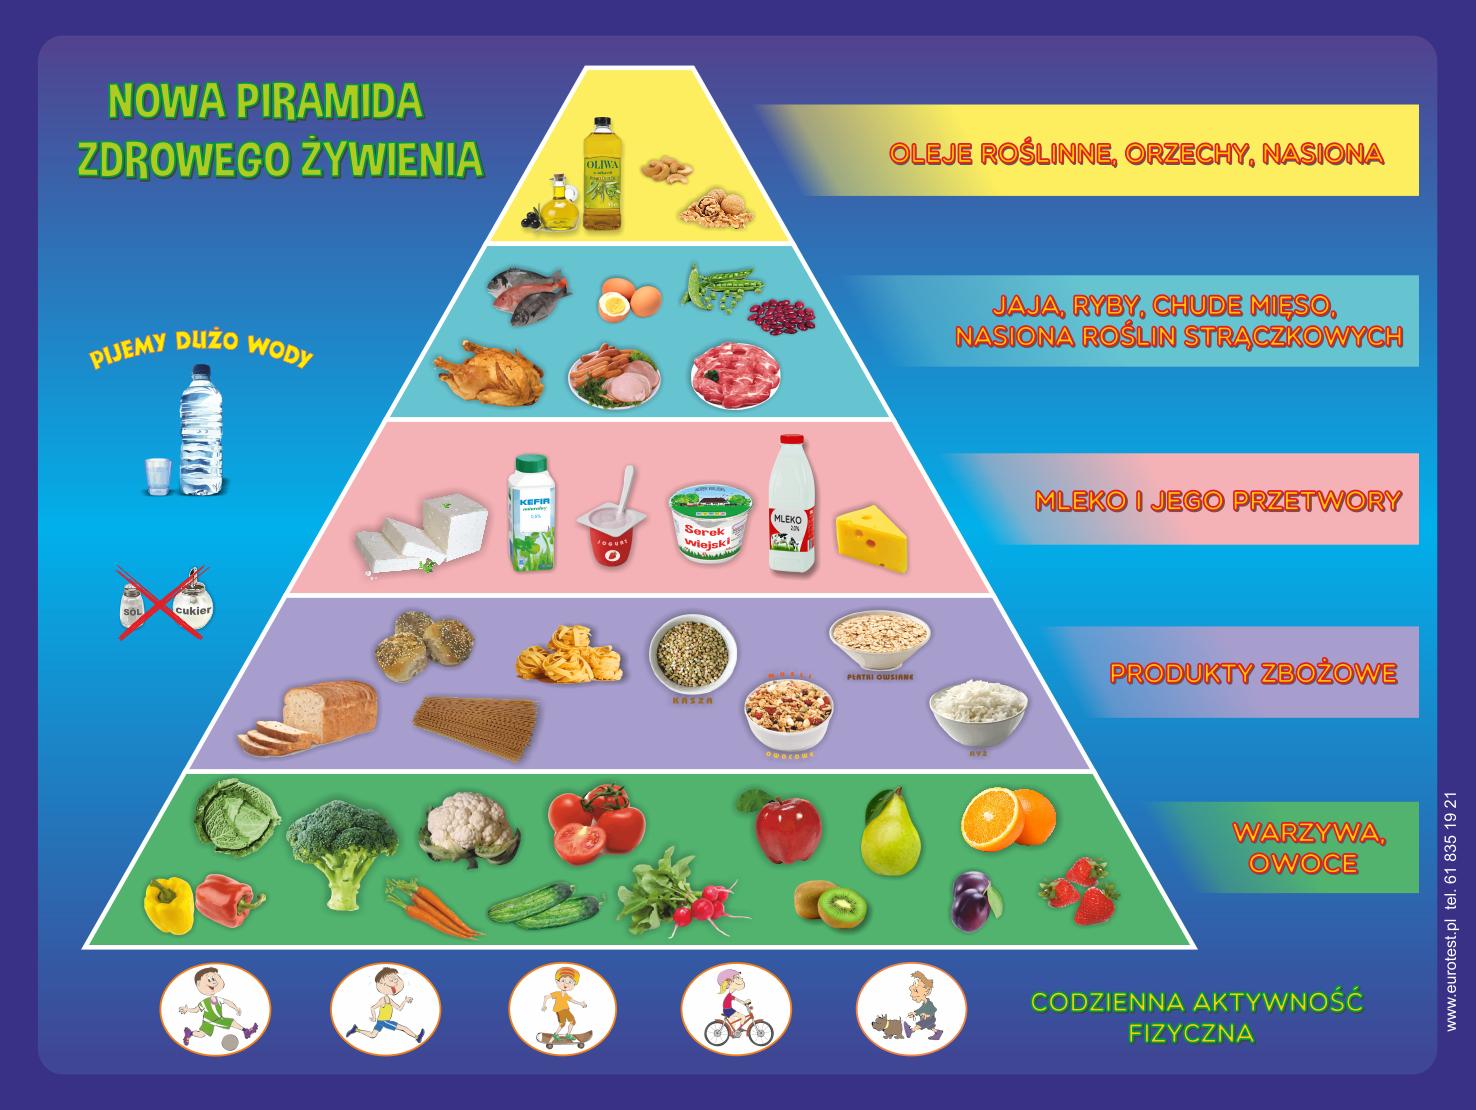 Nowa piramida żywienia na 2017r | Health beauty, Healthy diet, Health